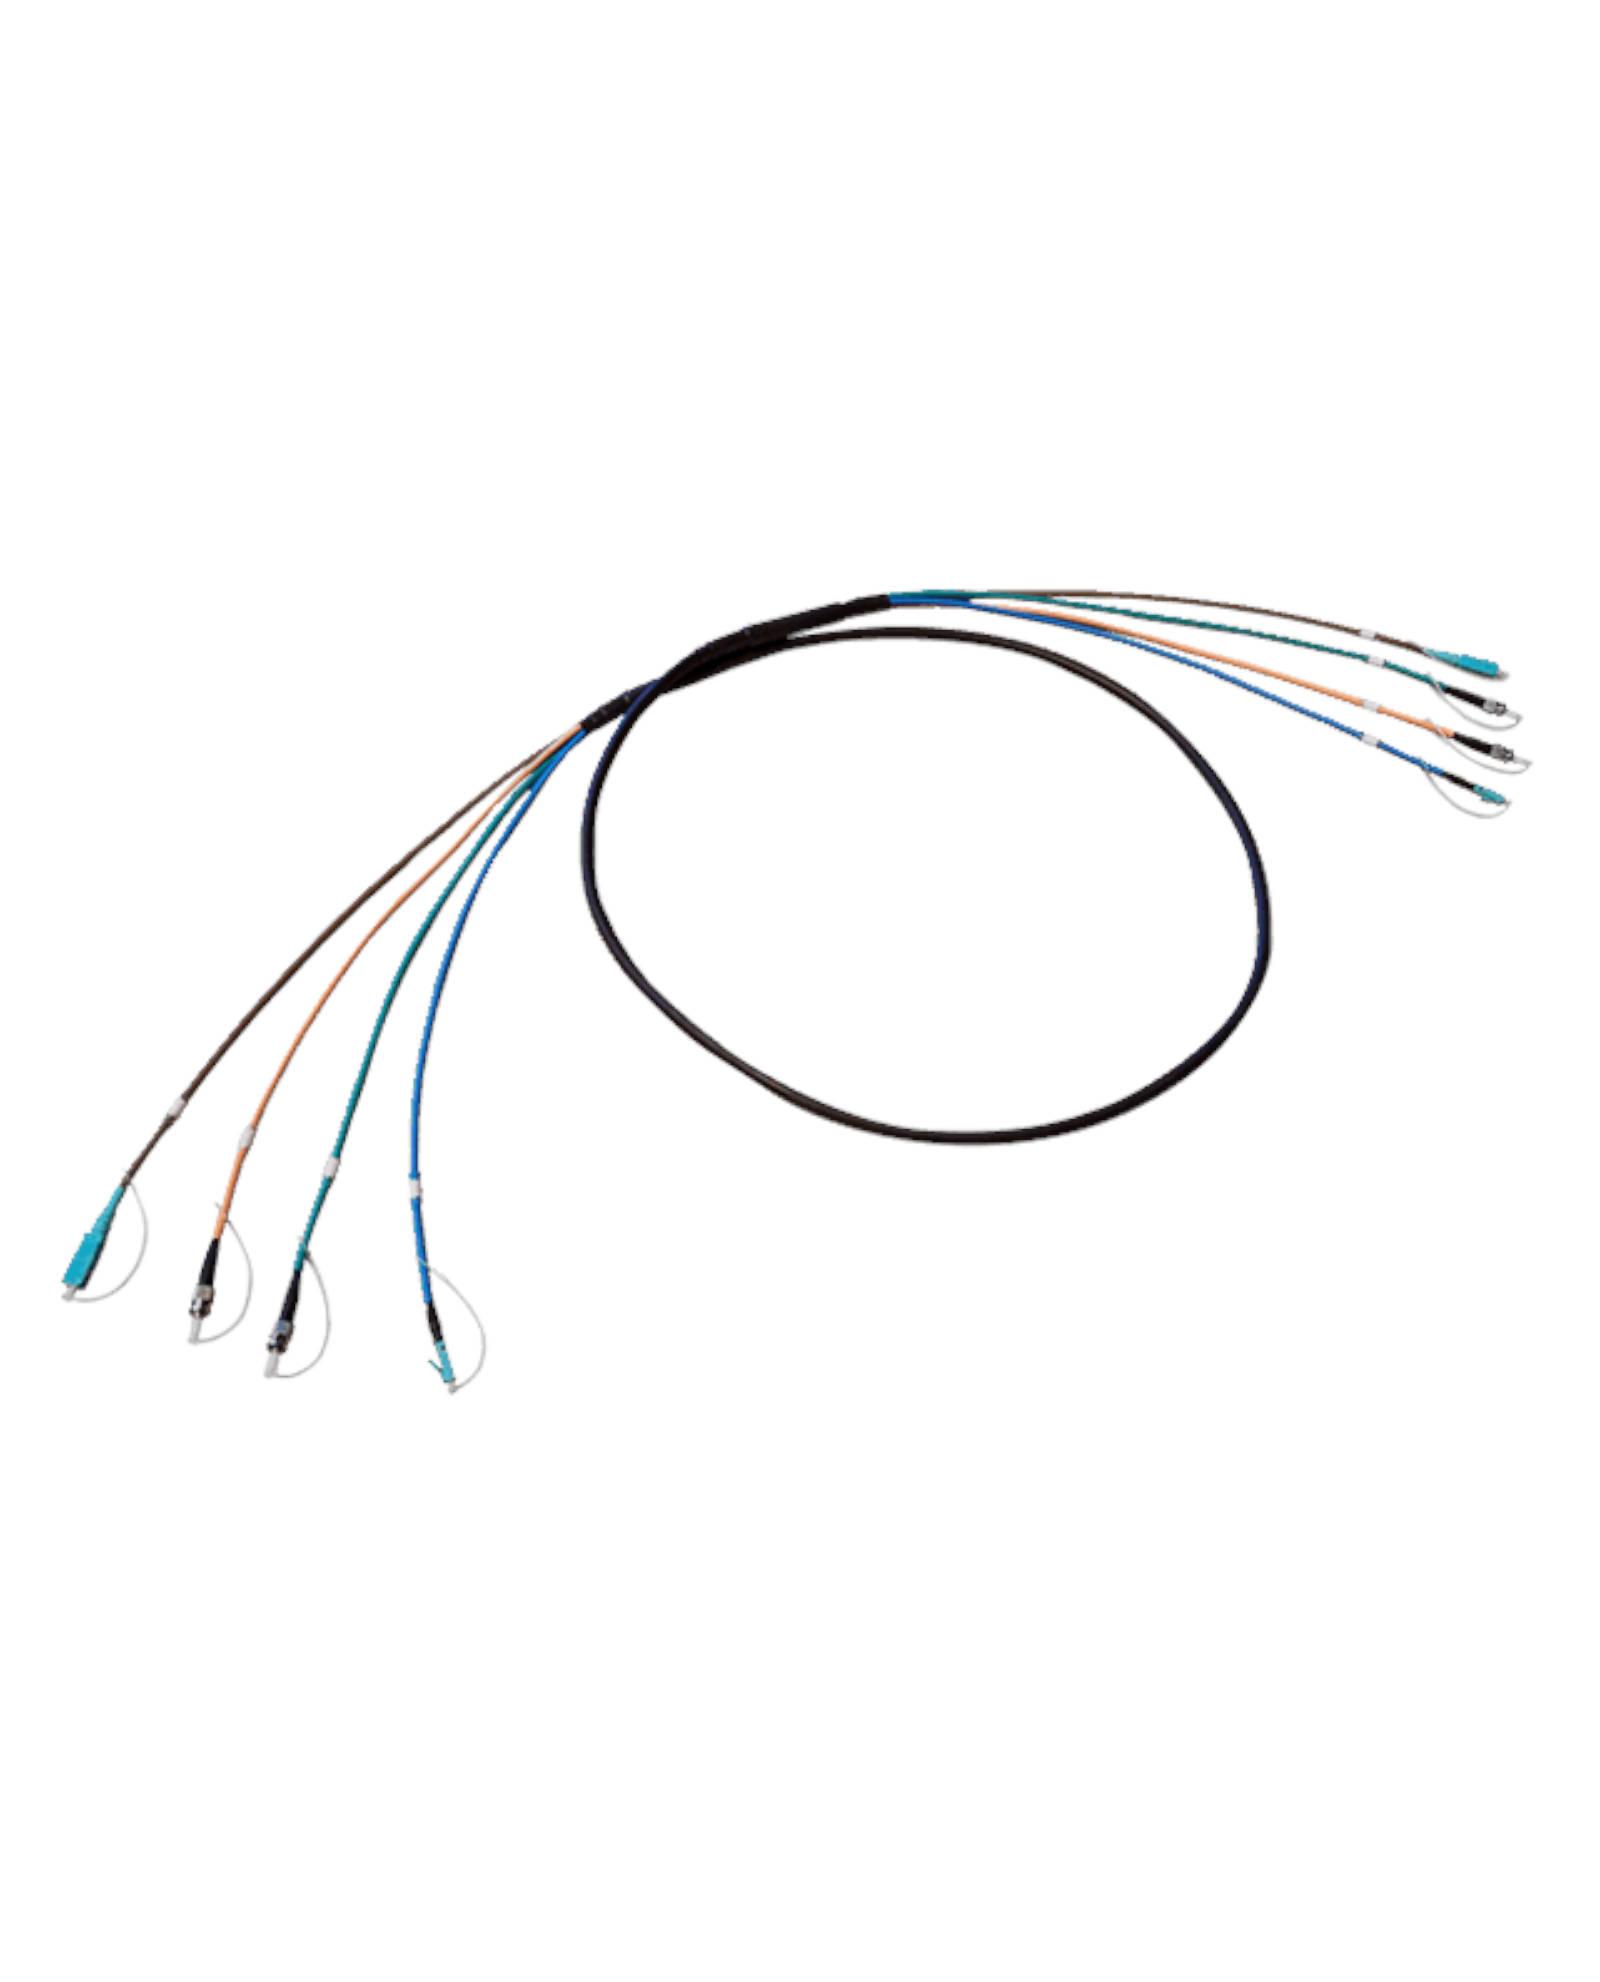 Tmb Proplex Fibre Cables2